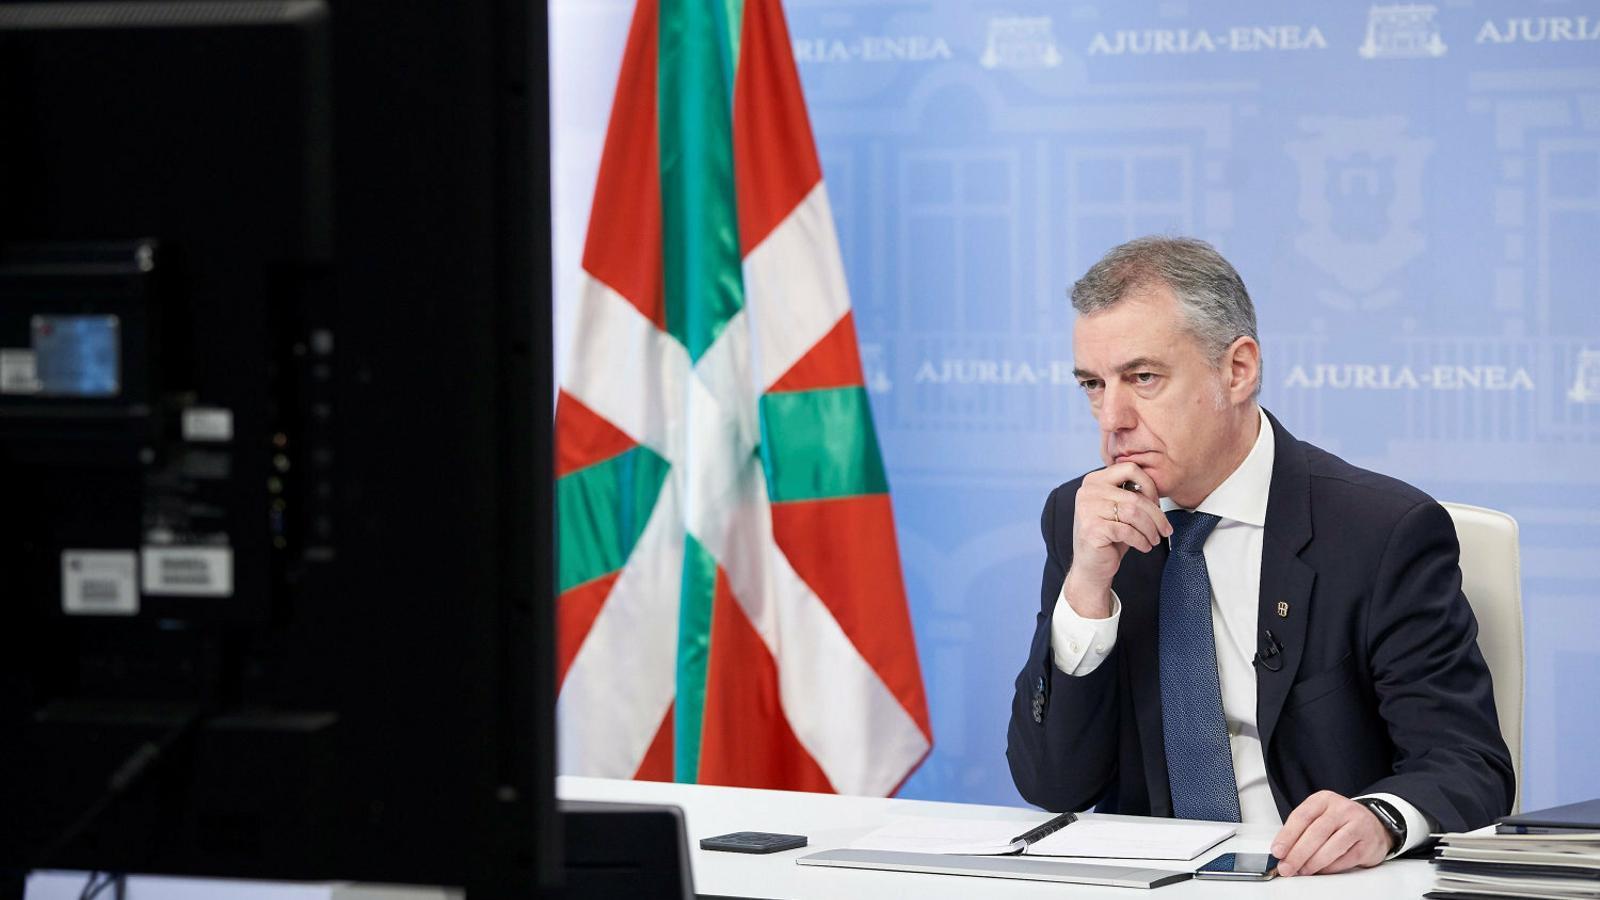 El lehendakari, Iñigo Urkullu, al seu despatx el 29 de març en una reunió via telemàtica.